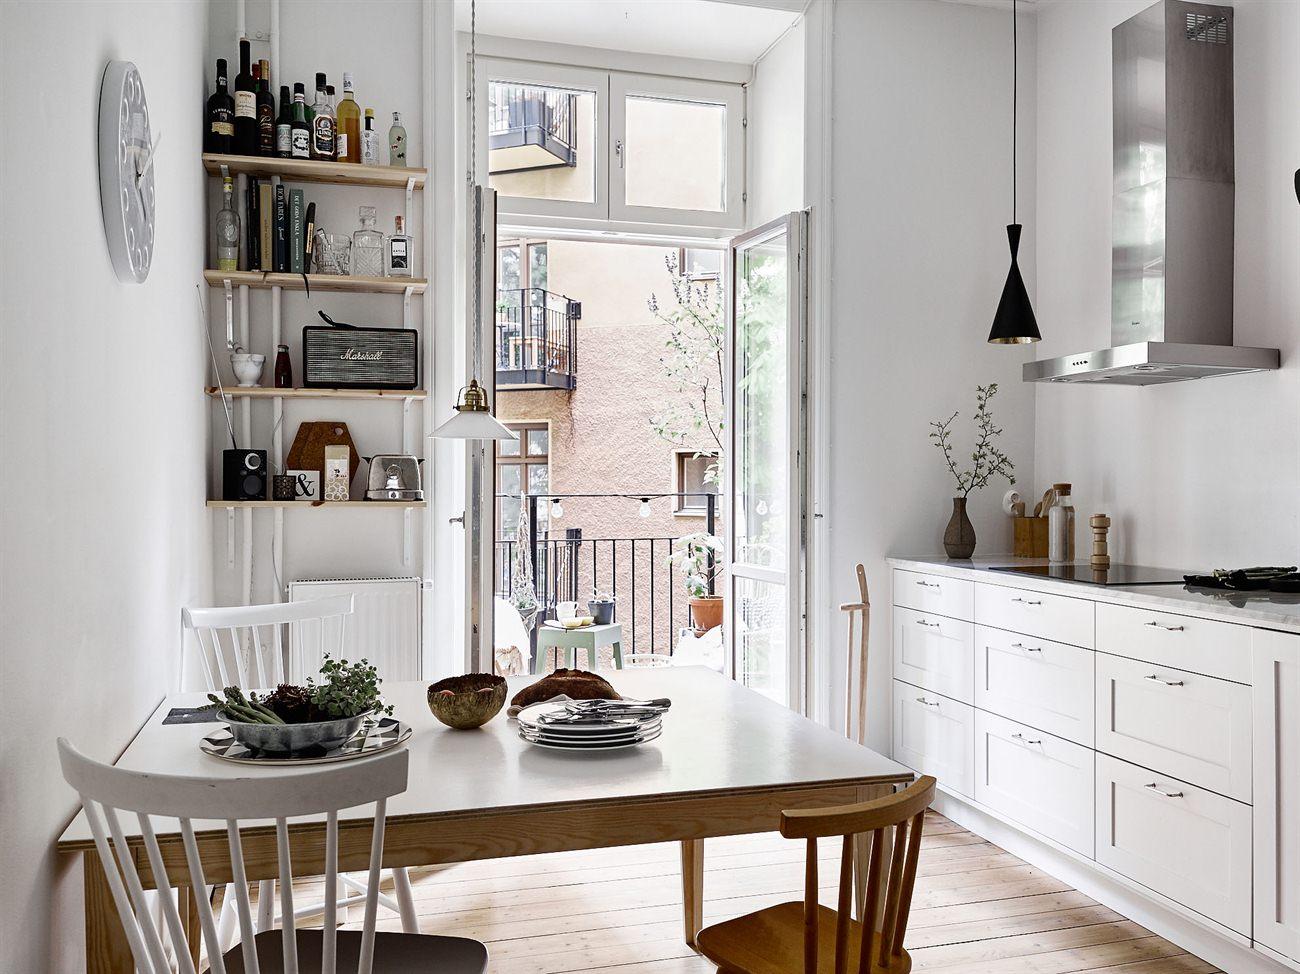 L mparas colgantes sobre la encimera blog tienda - Modernizar cocina sin obras ...